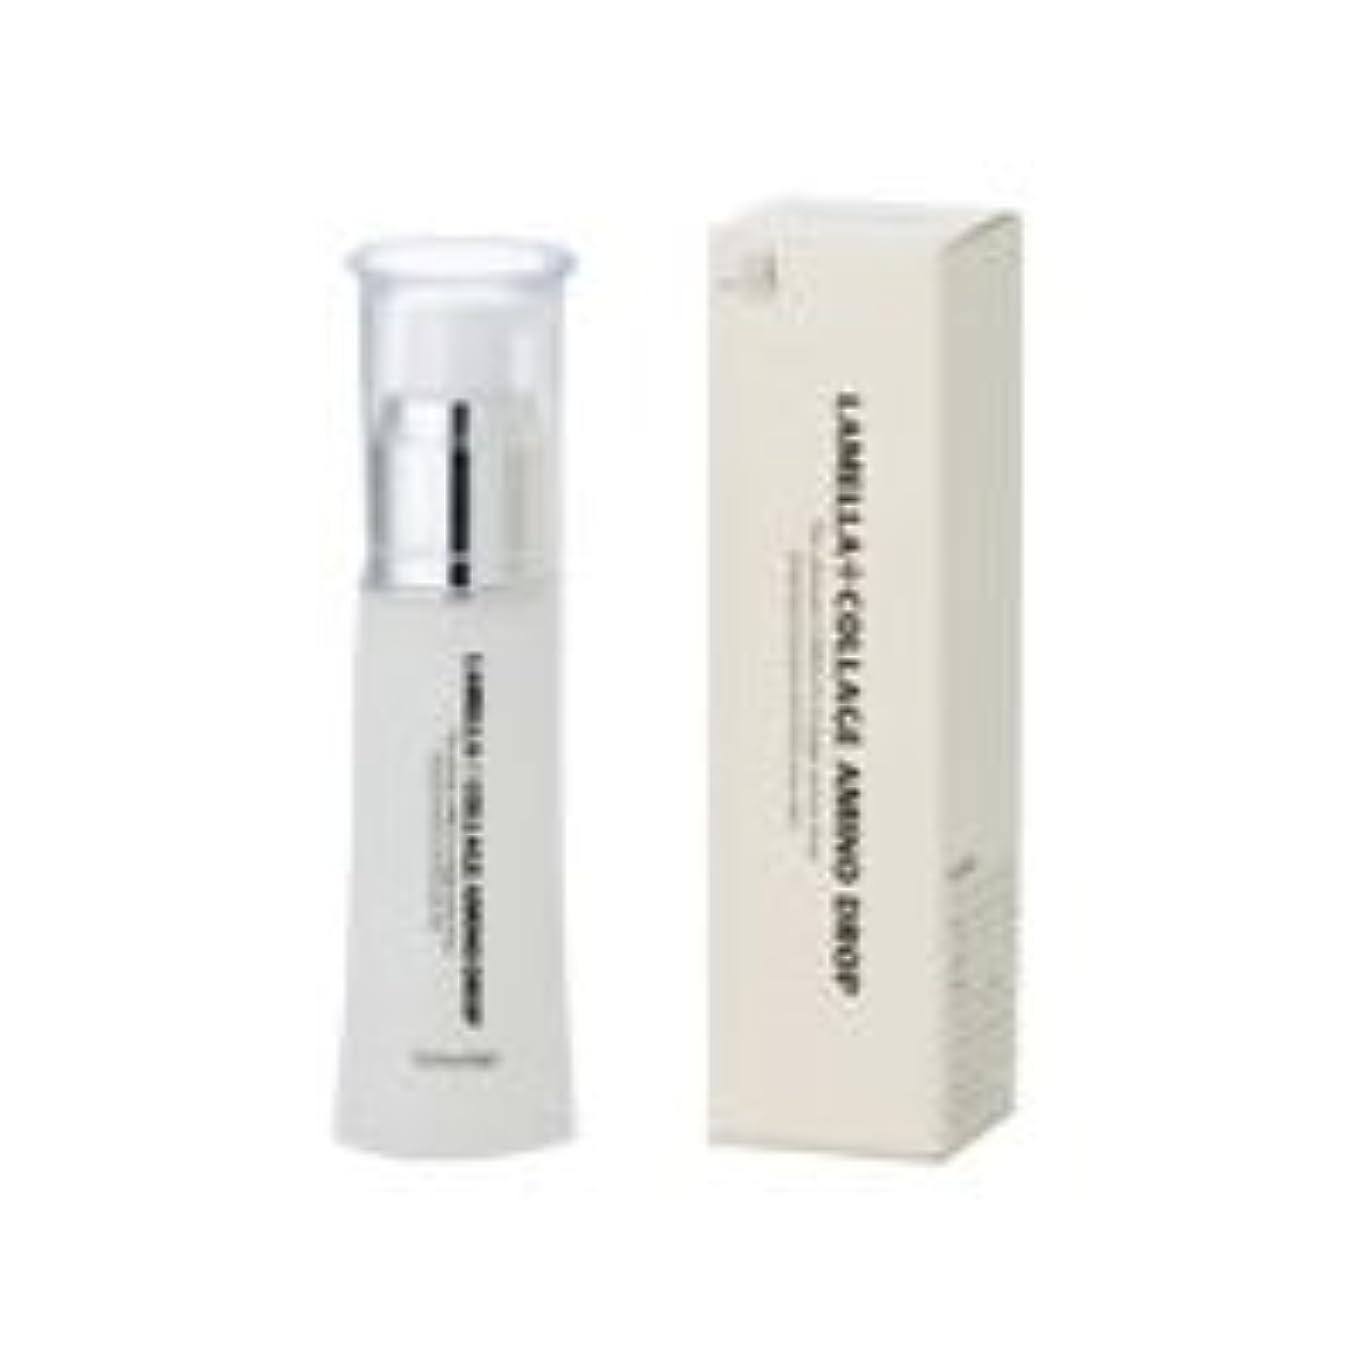 例外発明するスクレーパーテクノエイト ラメラコラージュ アミノドロップ 40ml (導入美容液)